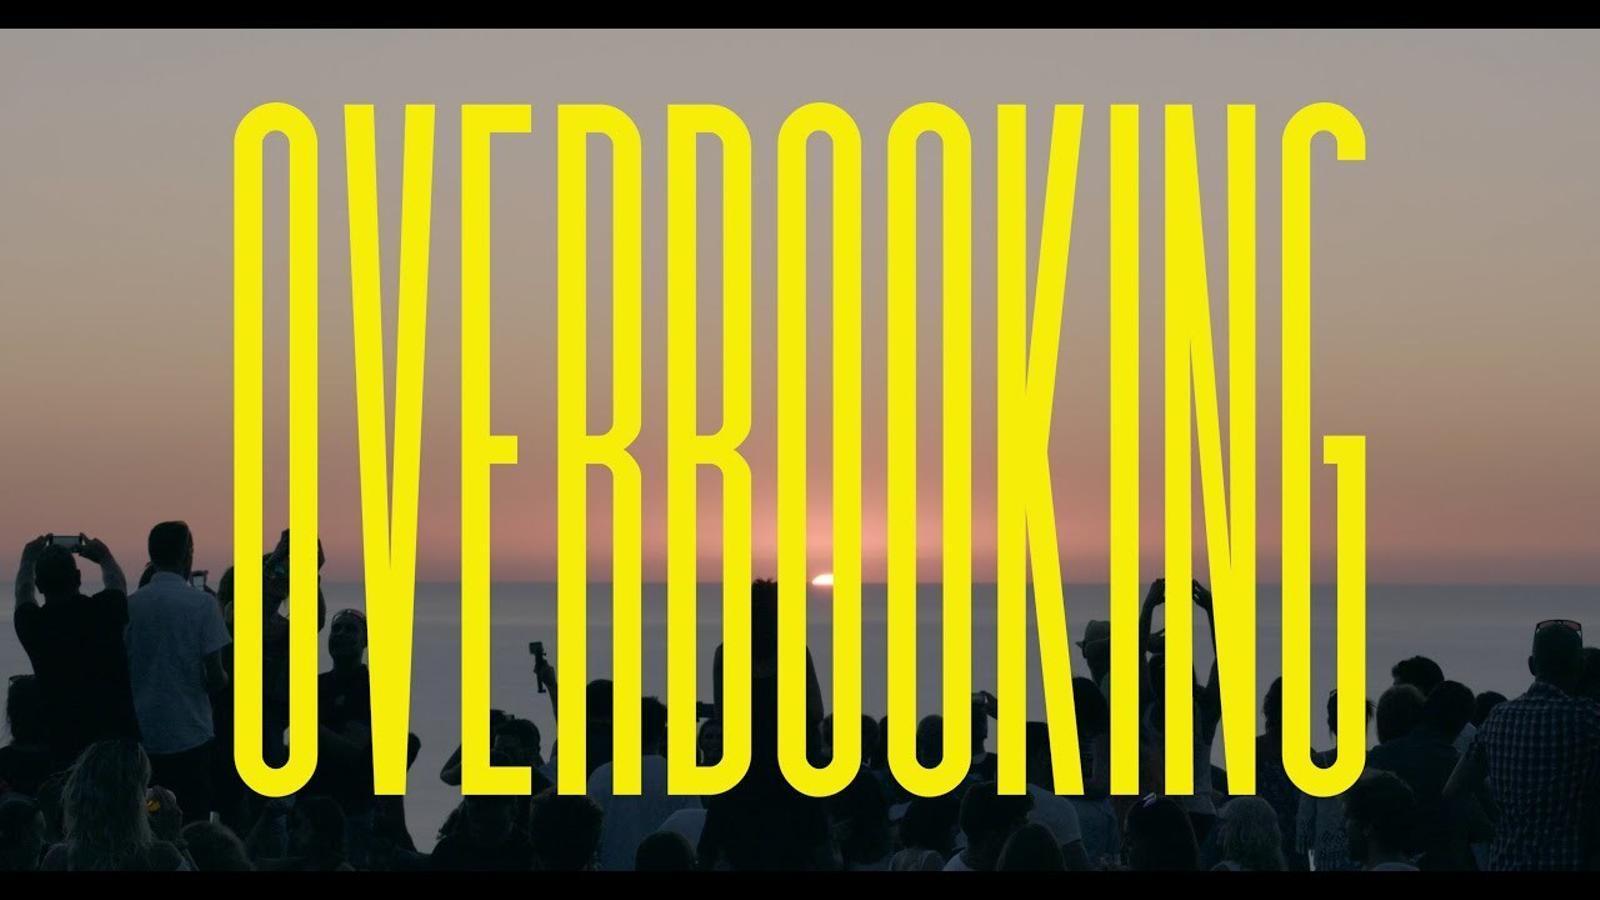 'Overbooking': retrat del sobreturisme